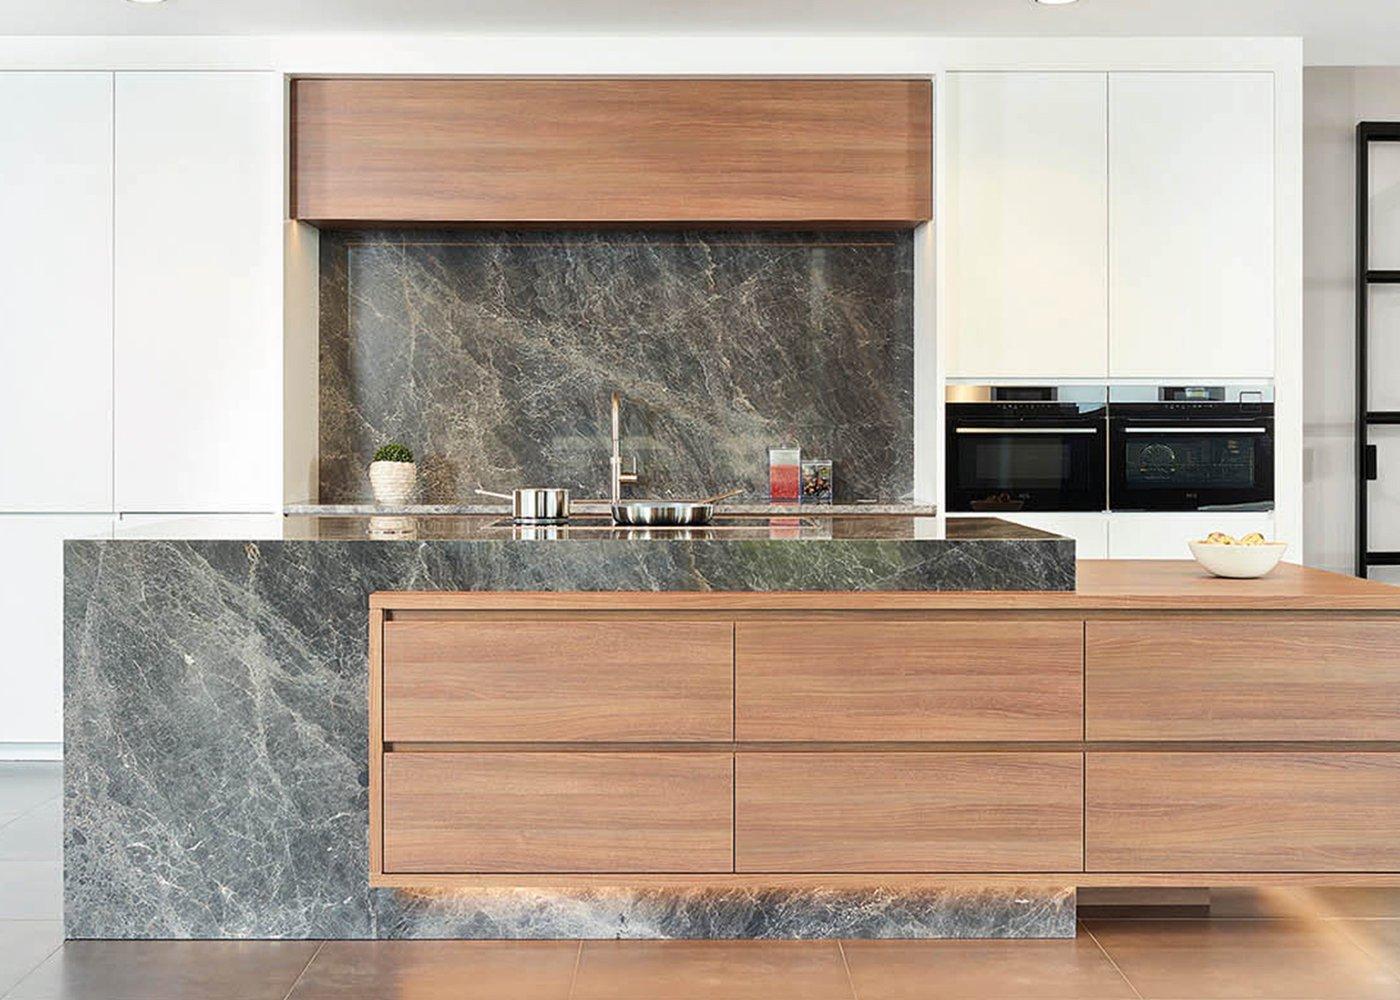 Keuken in roodbruin frontlaminaat - Model Design